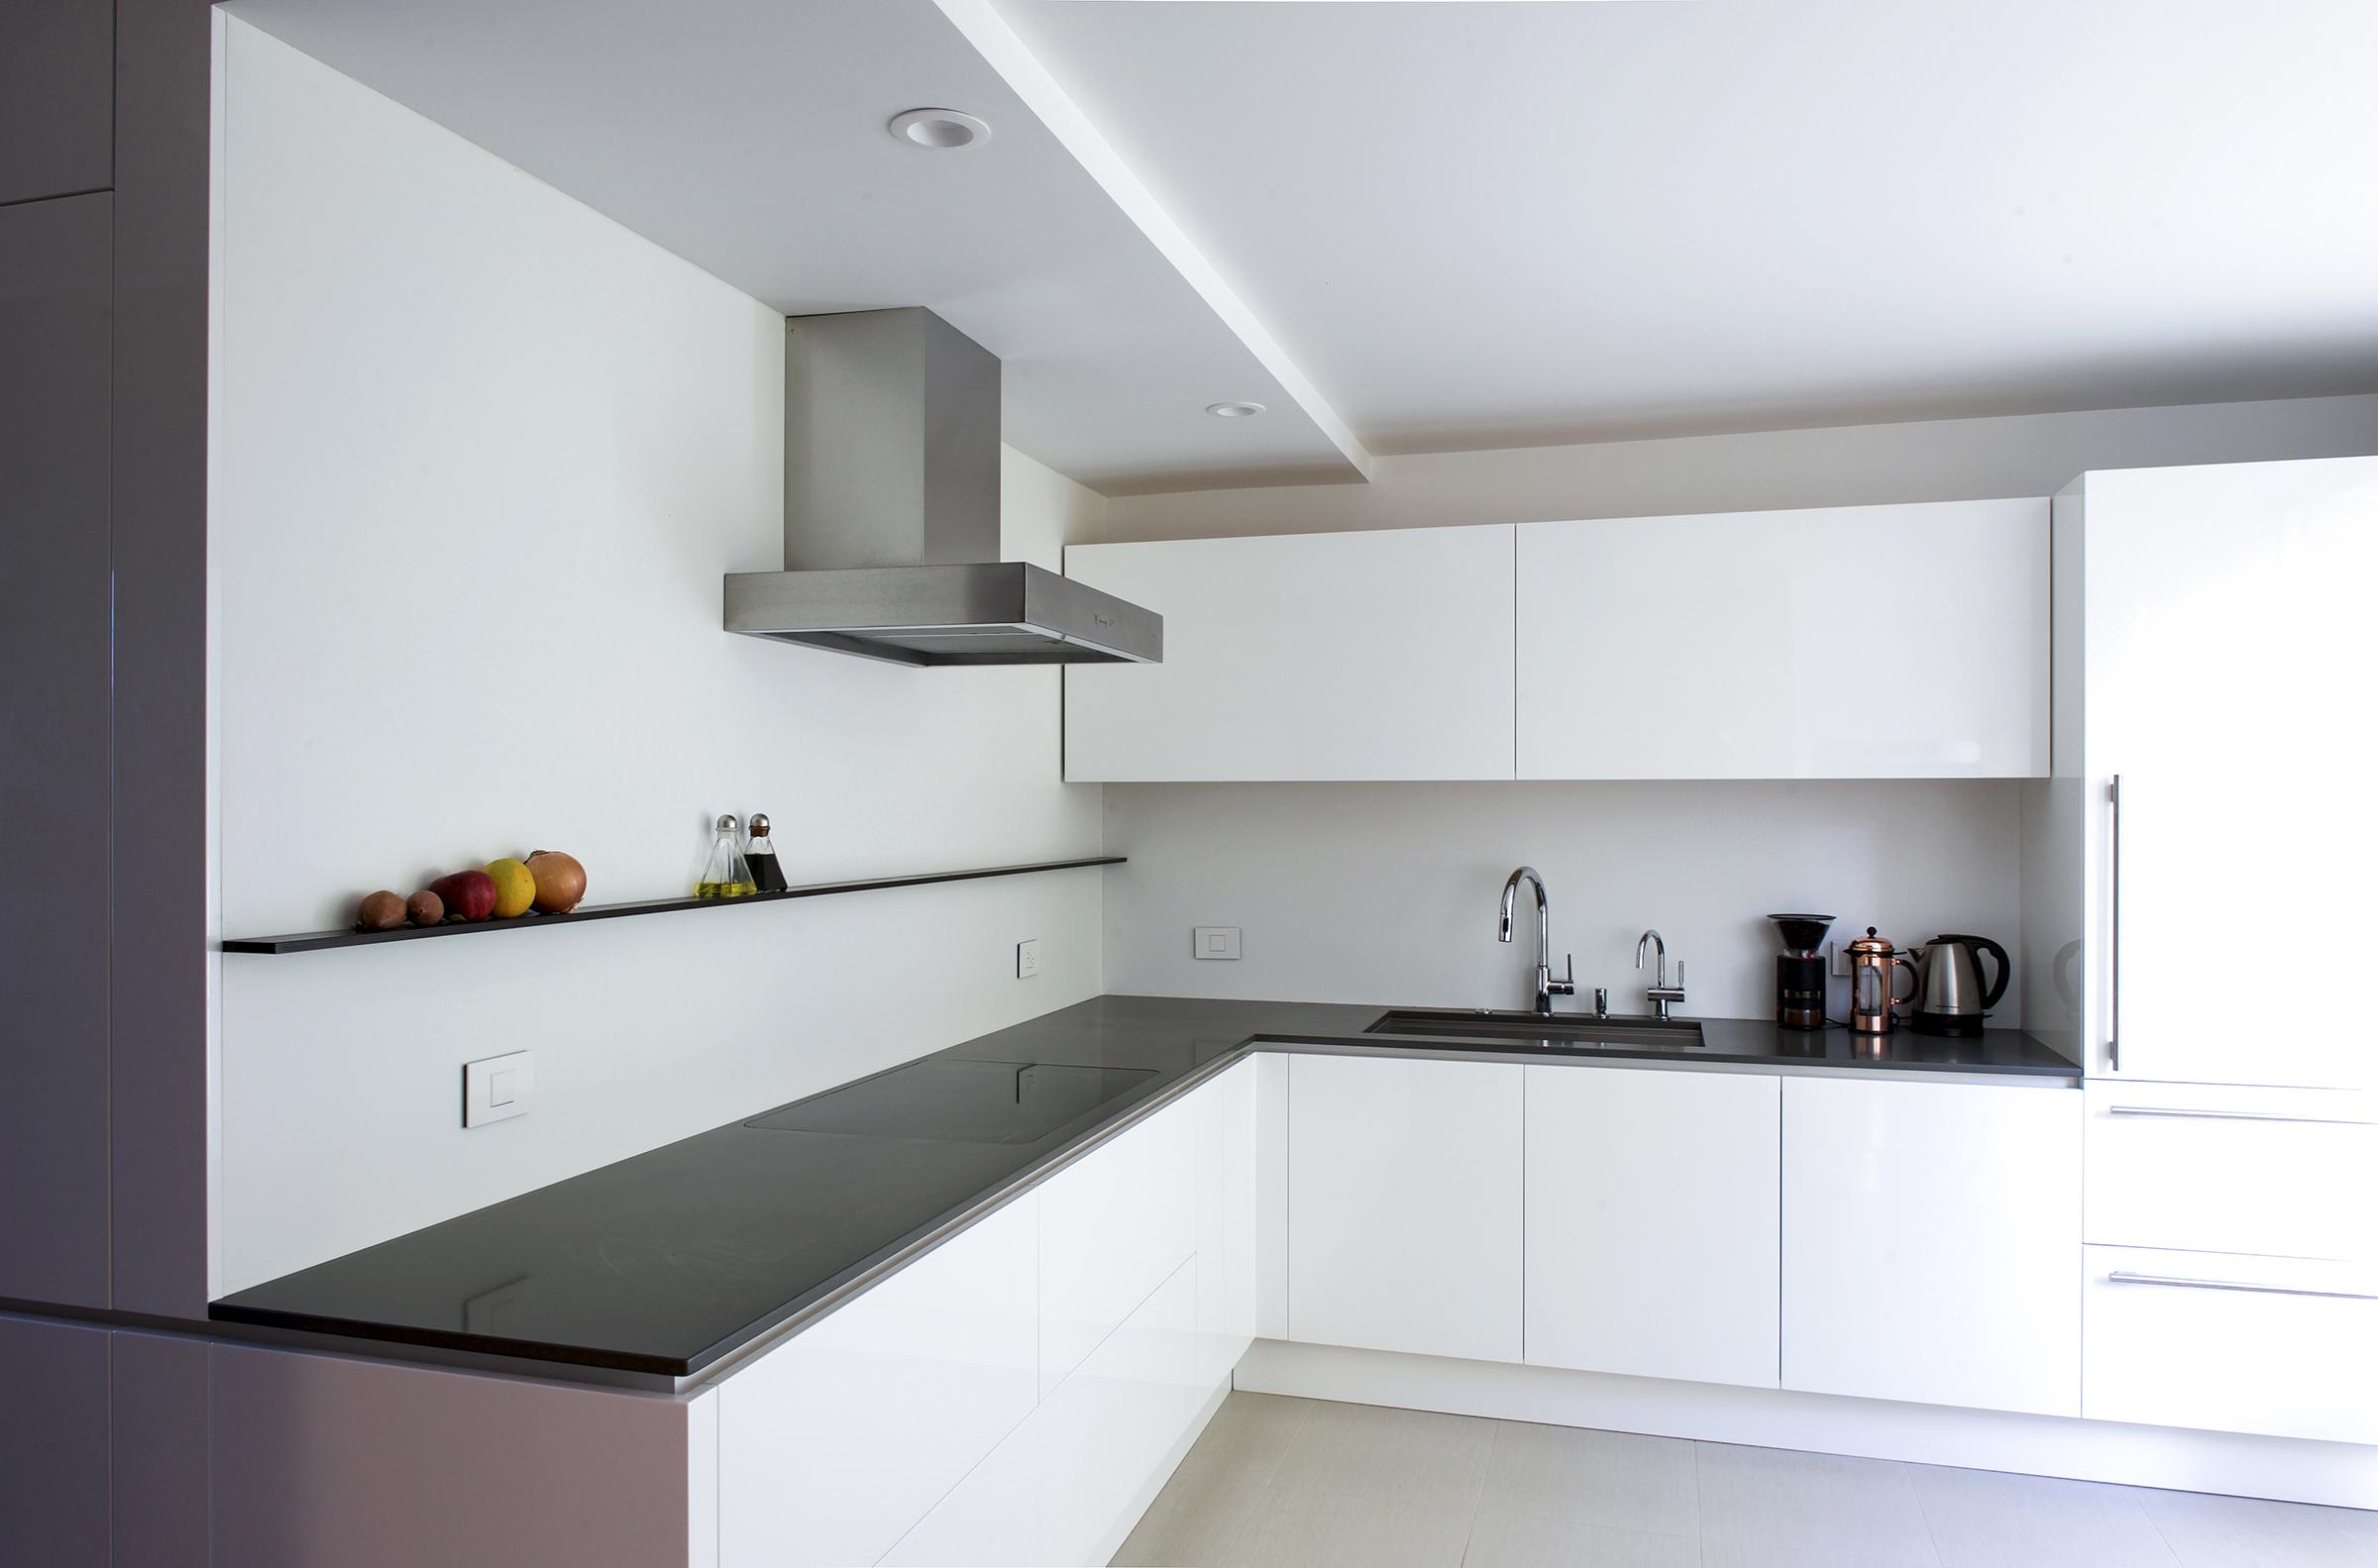 super sleek minimalist kitchen